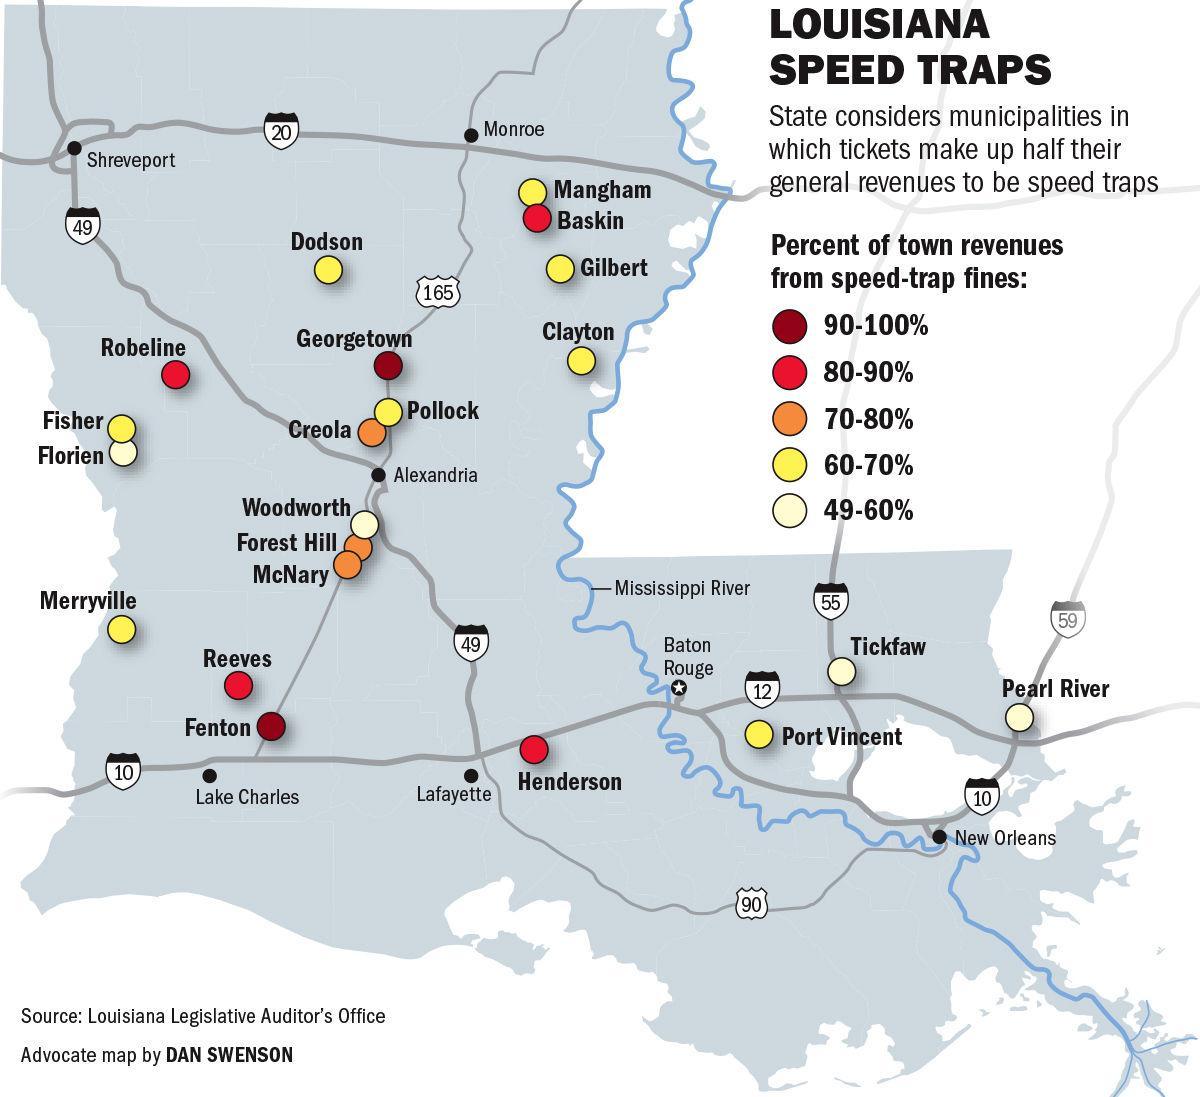 030319 Louisiana Speed Trap Towns